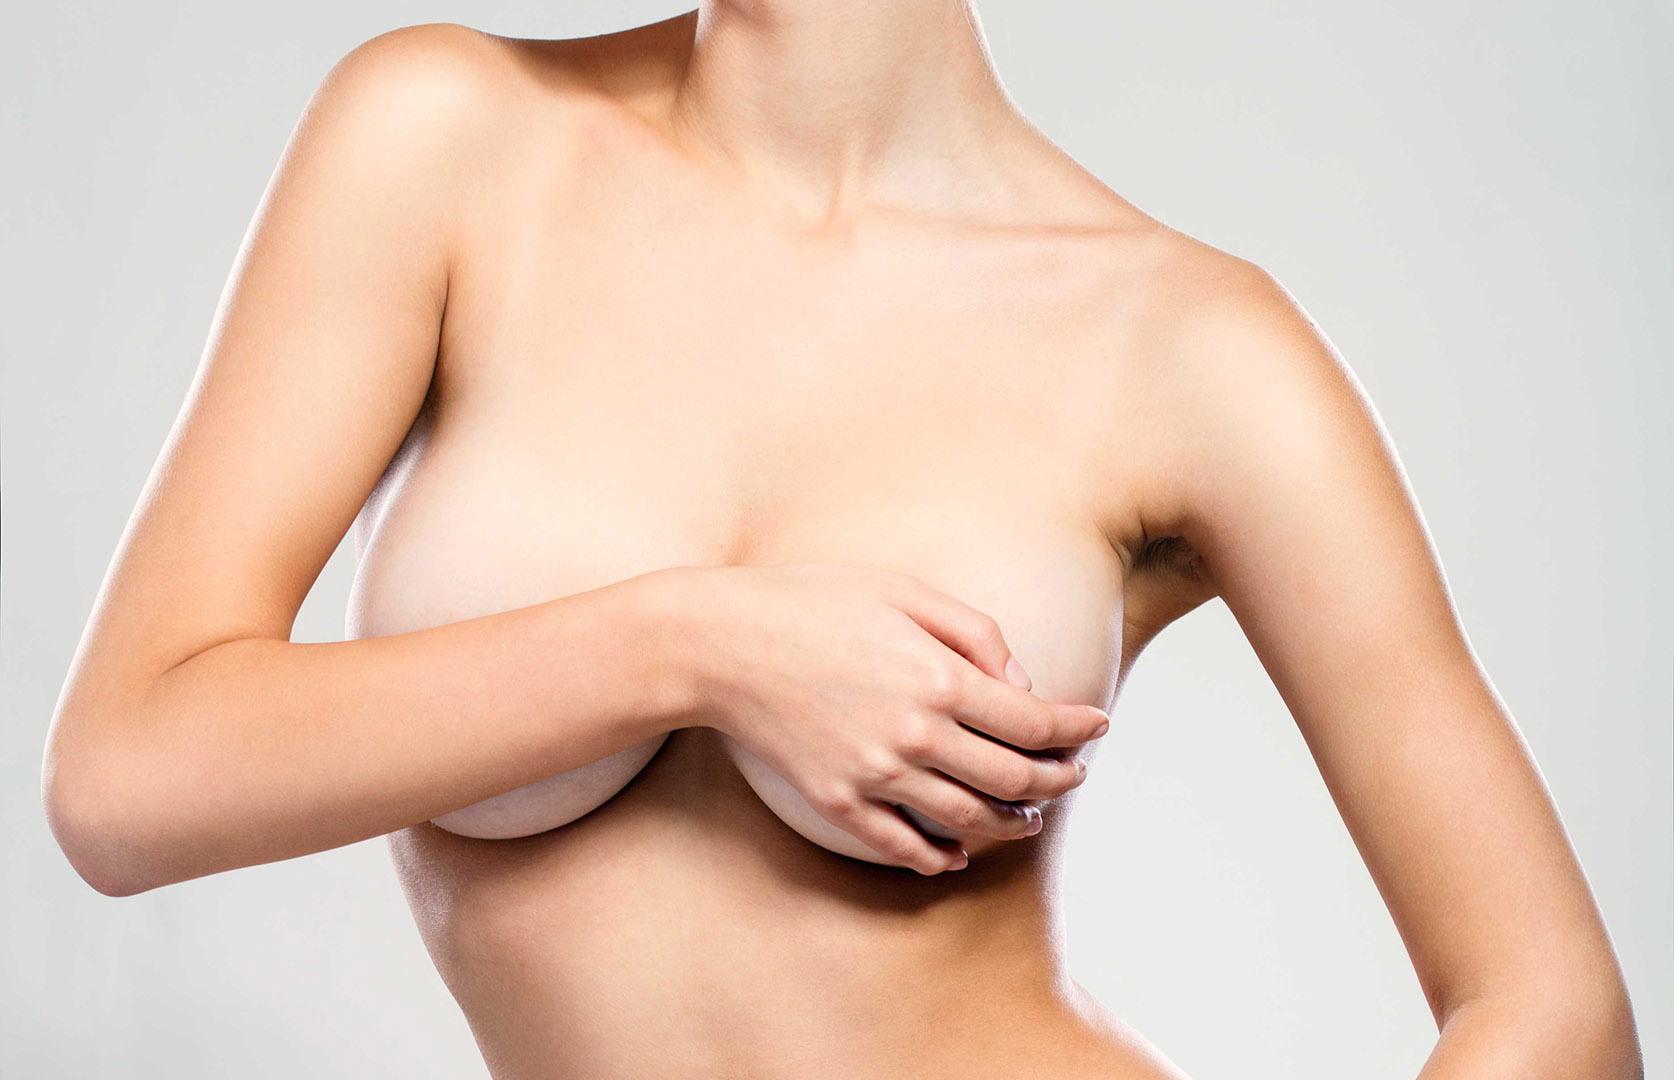 Cirurgia Plastica Silicone